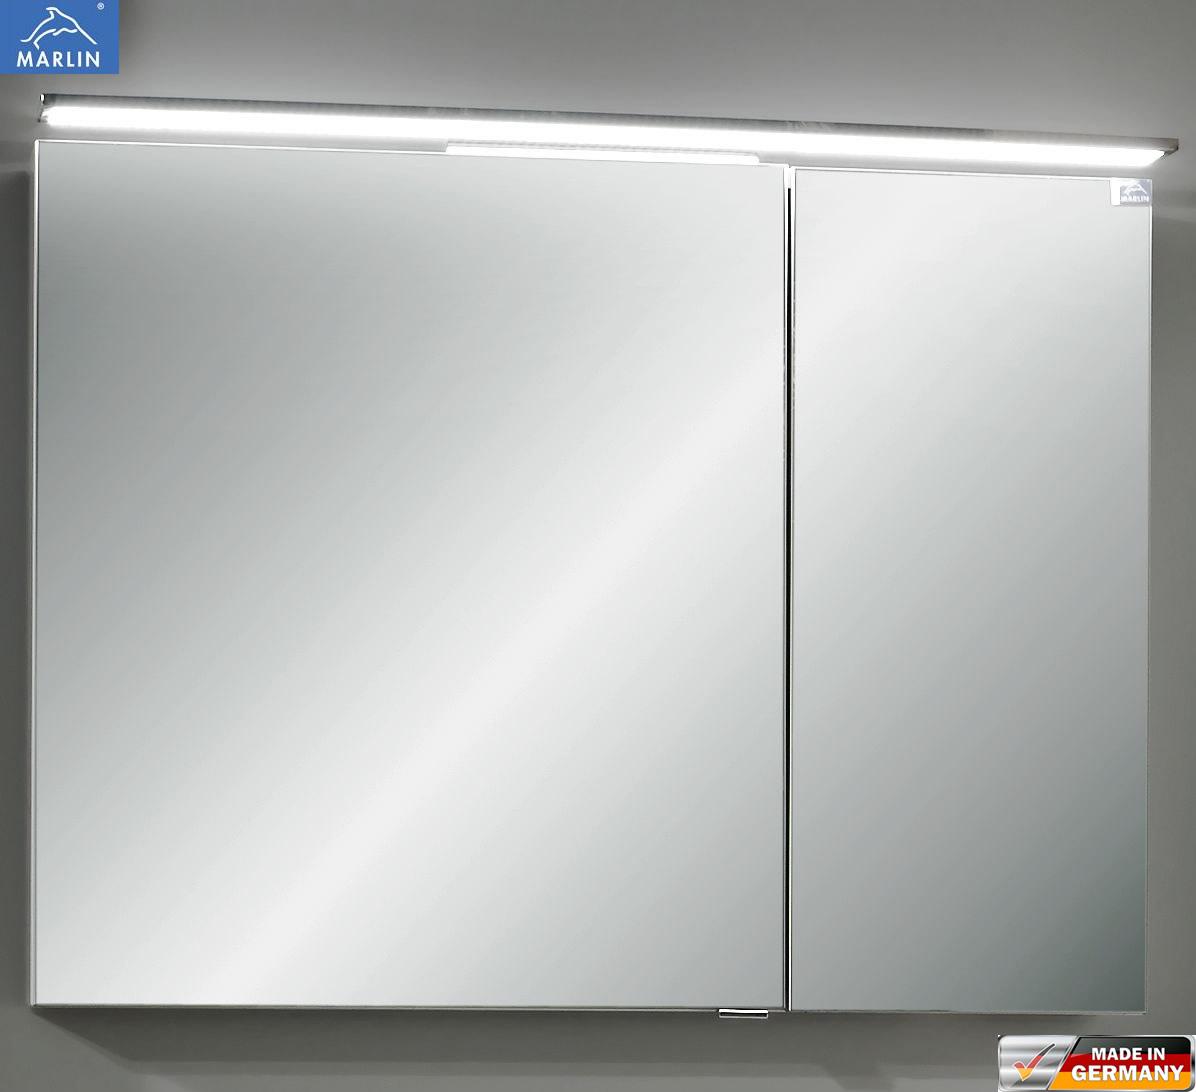 marlin cosmo spiegelschrank mit led aufsatzleuche 90 cm impulsbad. Black Bedroom Furniture Sets. Home Design Ideas